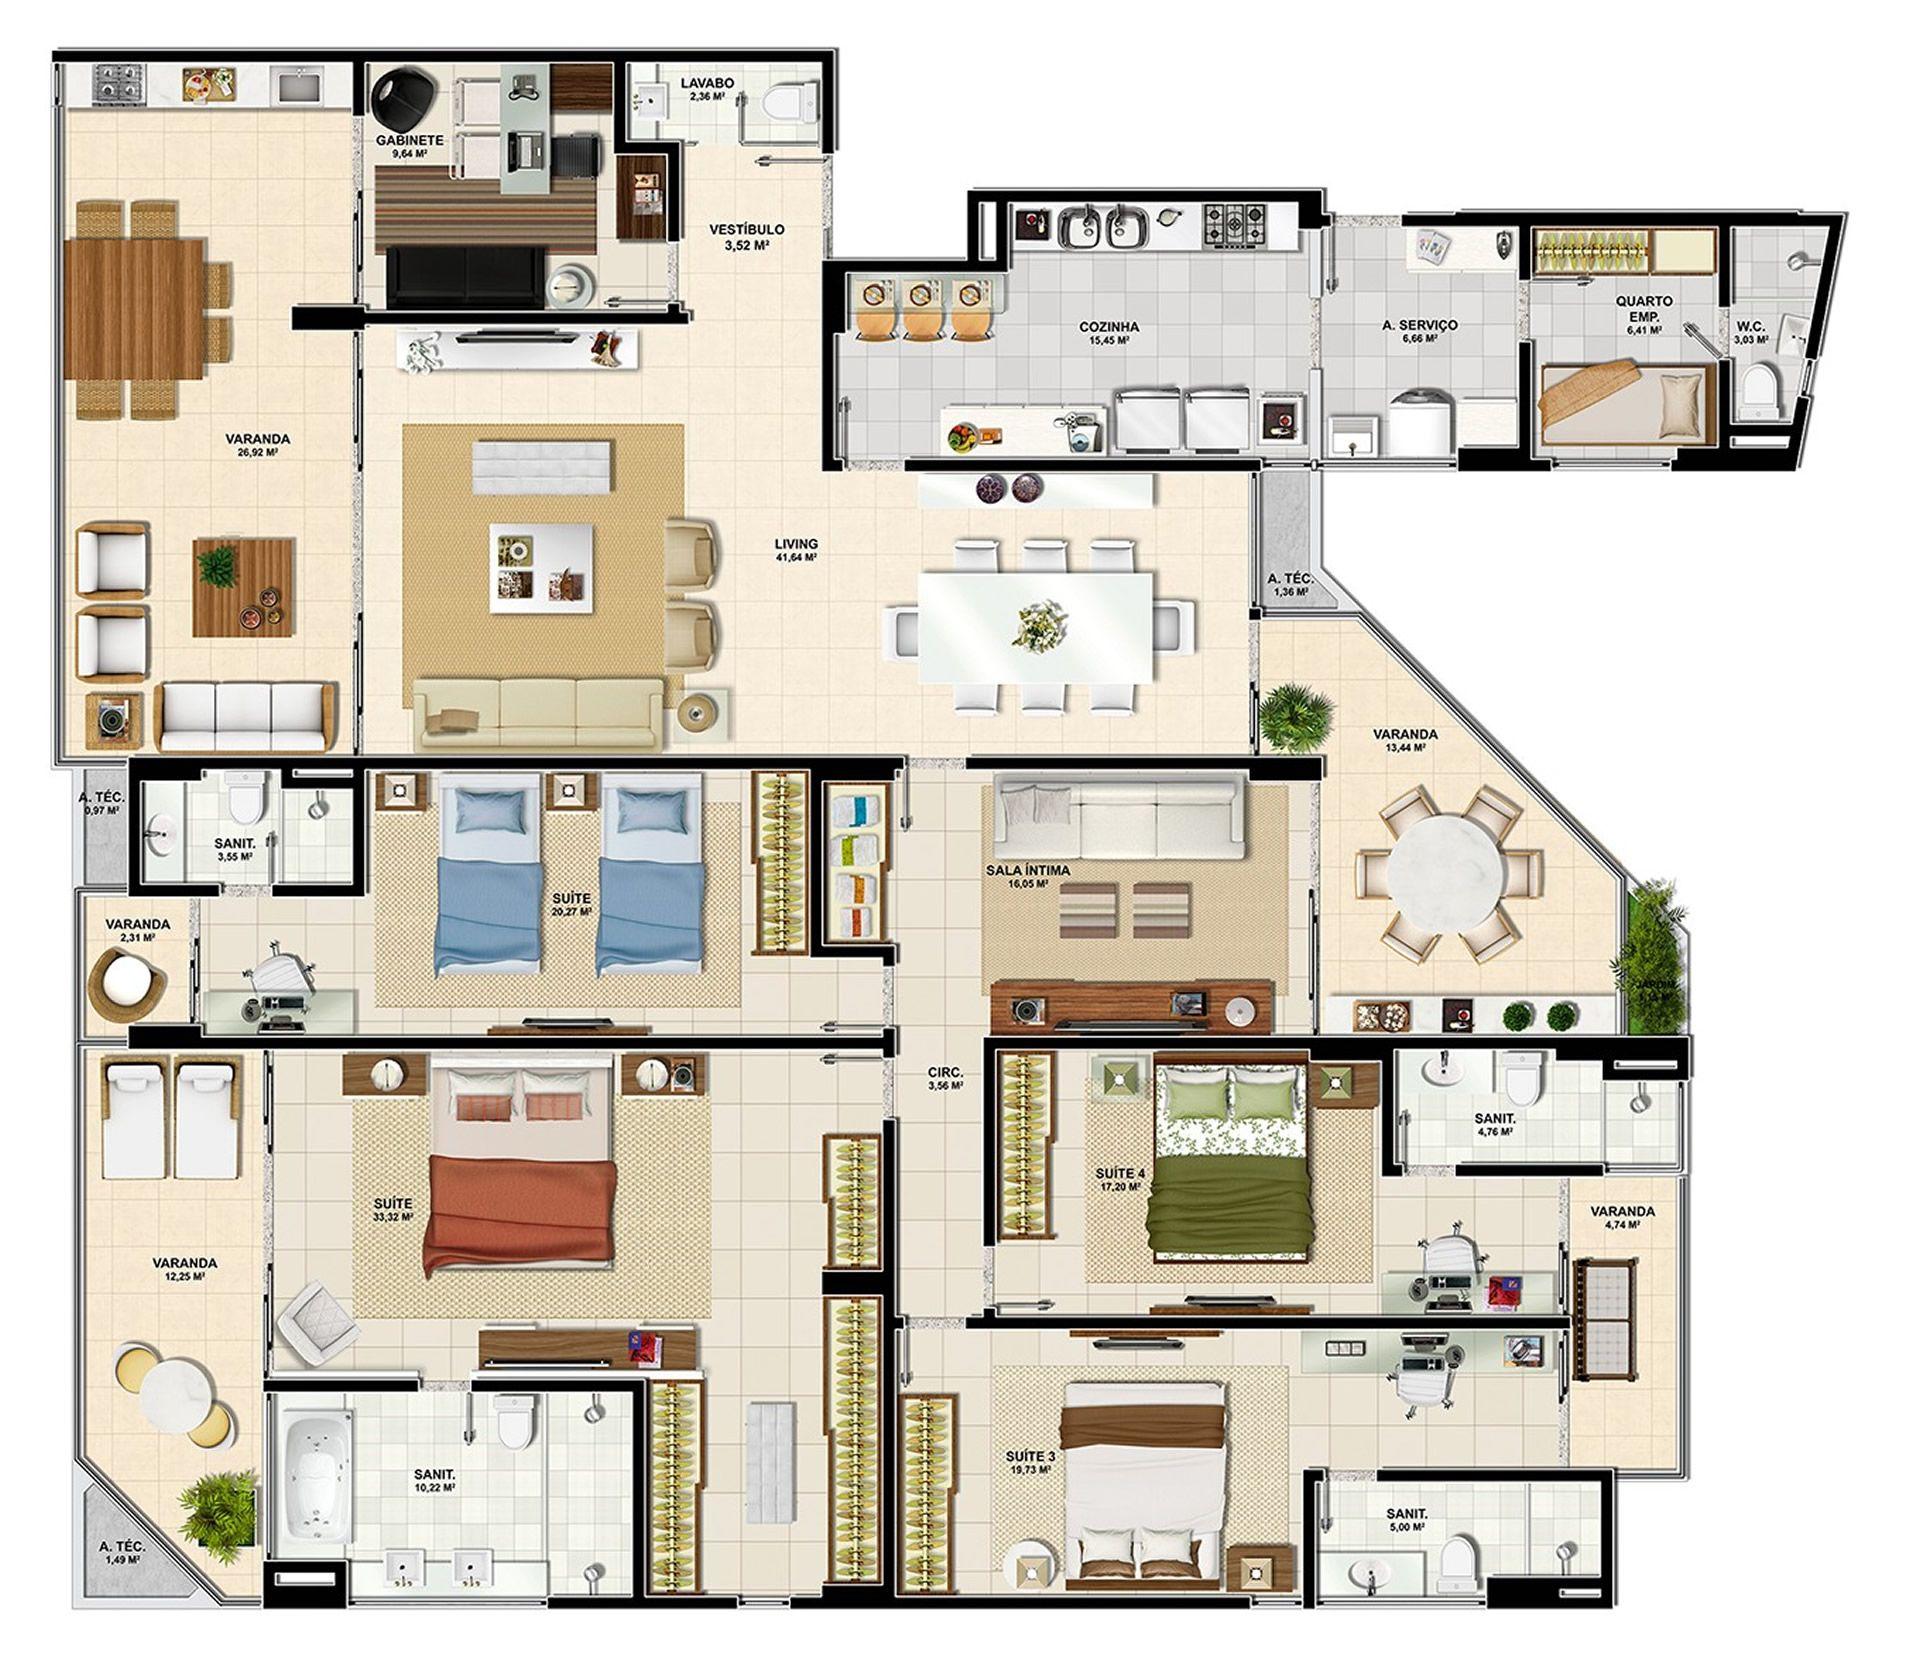 17 melhores ideias sobre modelo de planta baixa no for Modelo de casa de 4x6